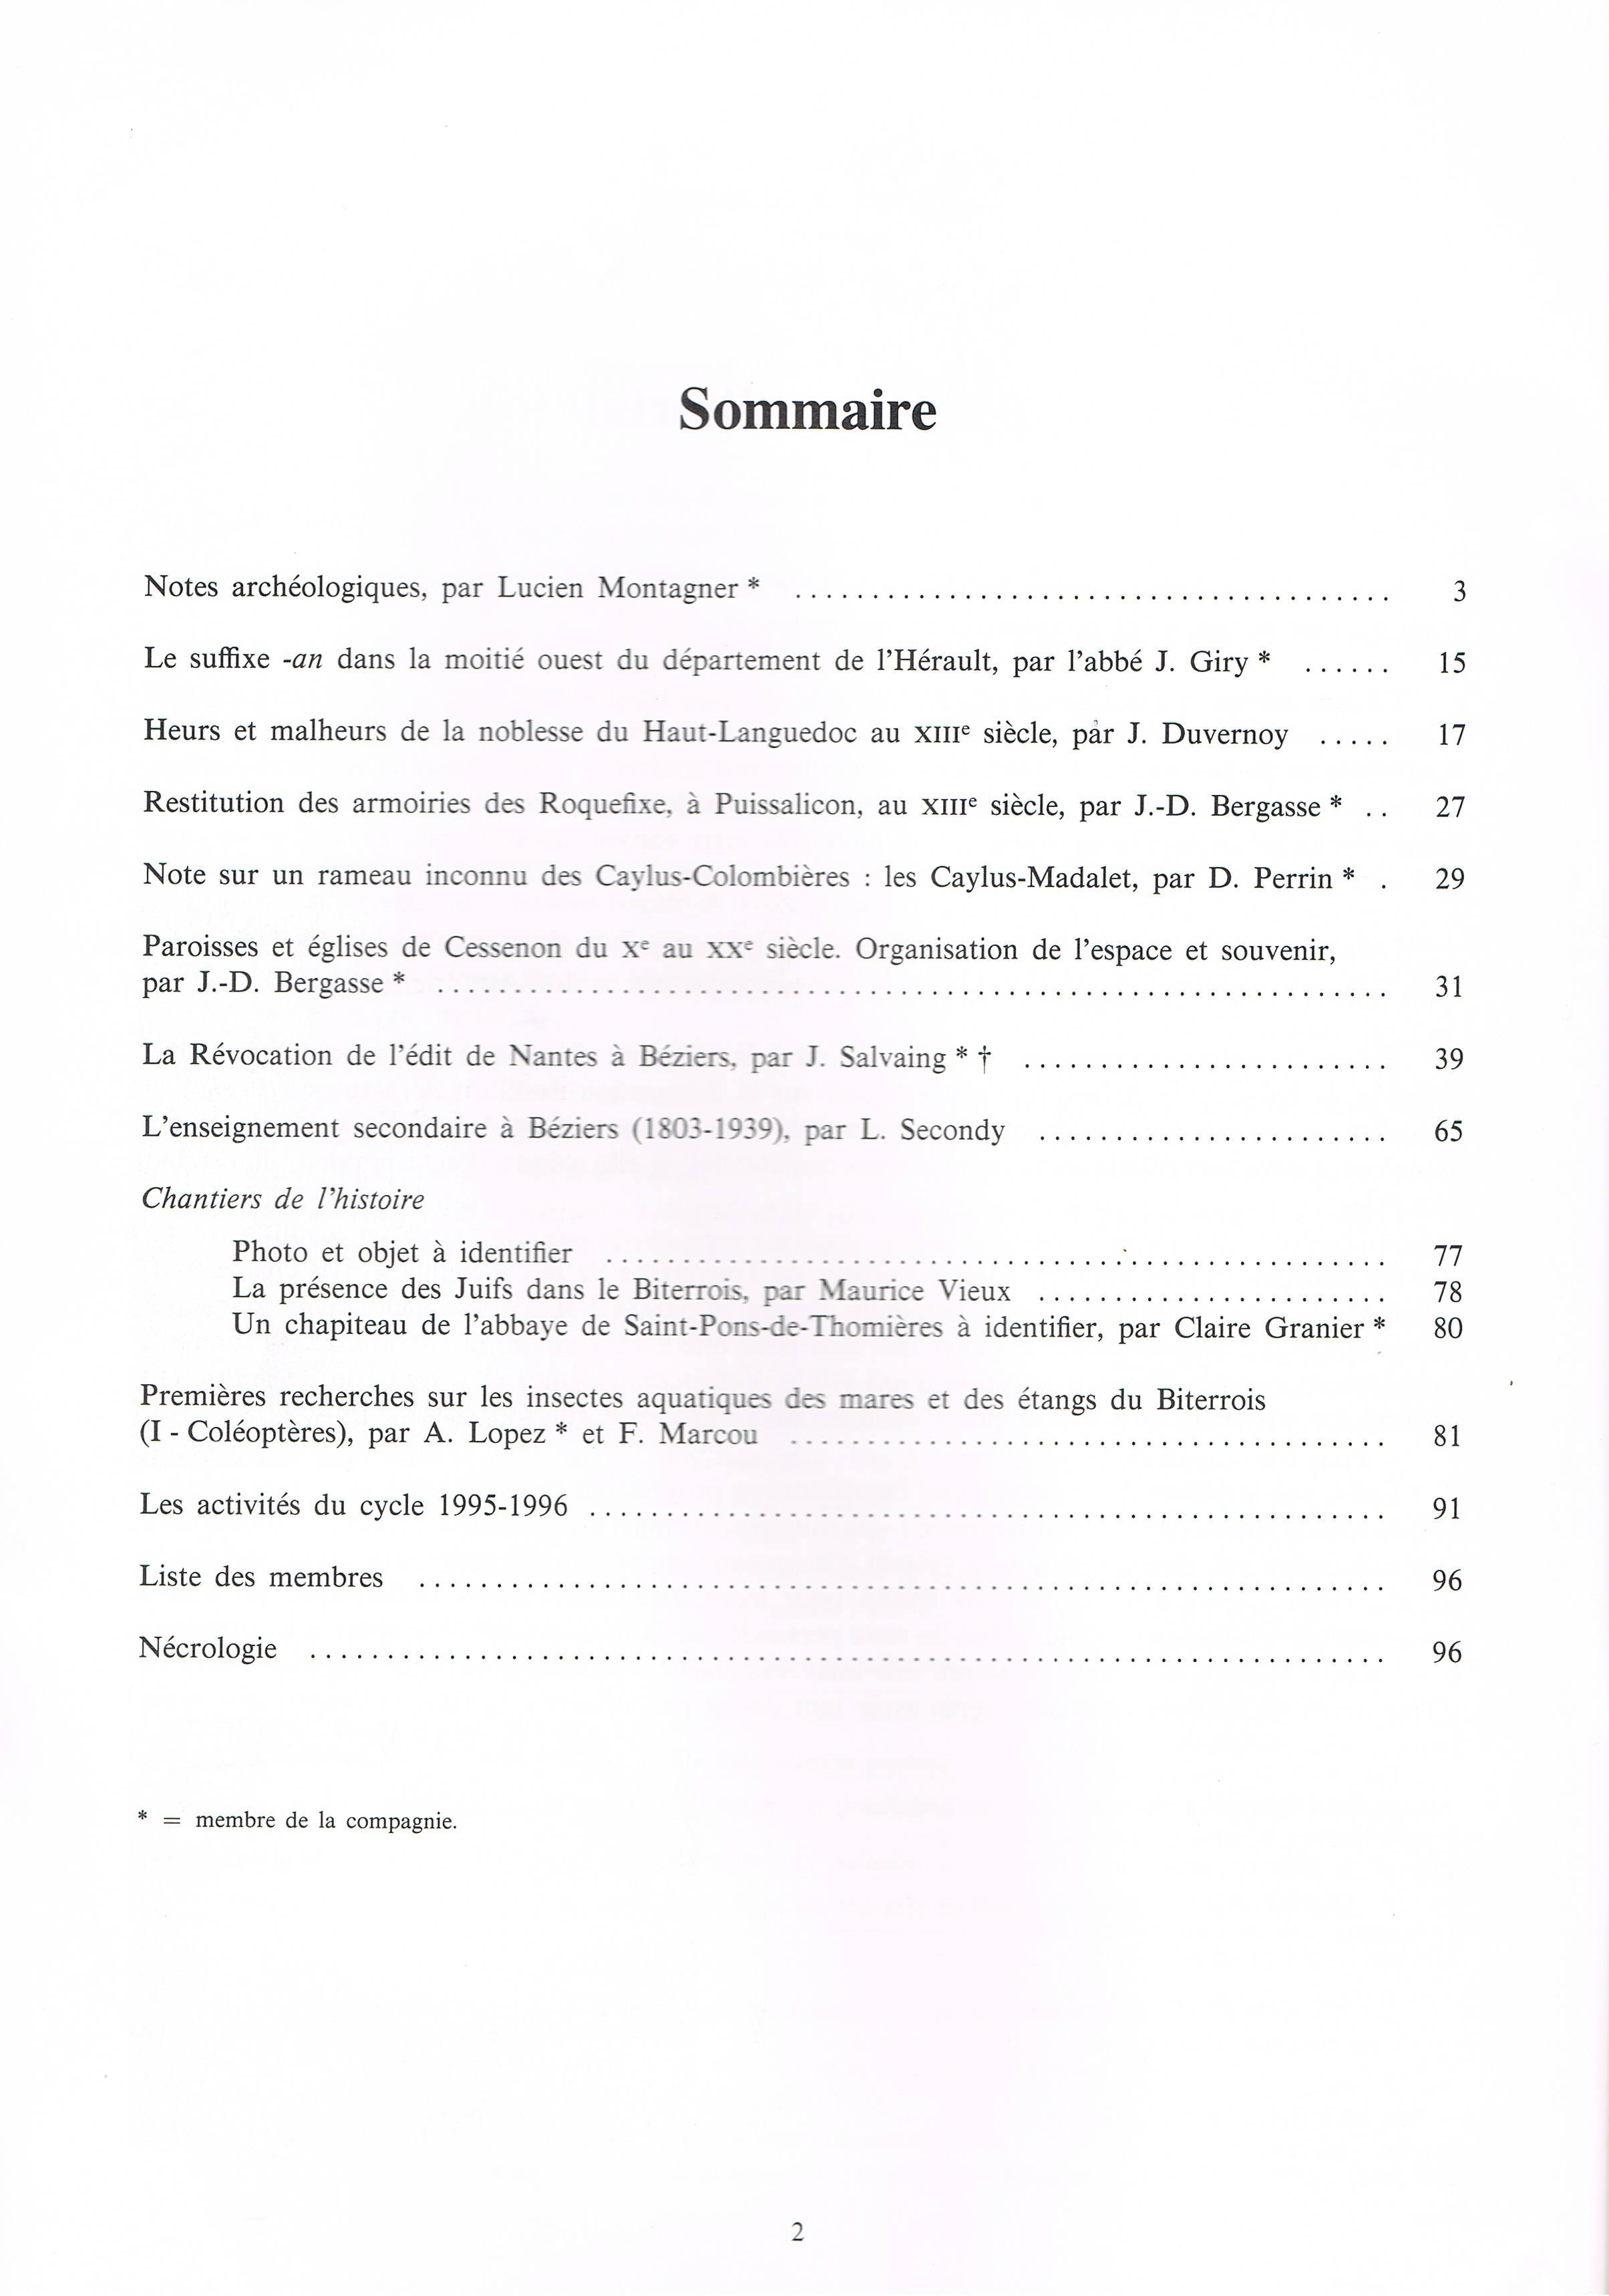 Bulletin_1995_1996_sommaire